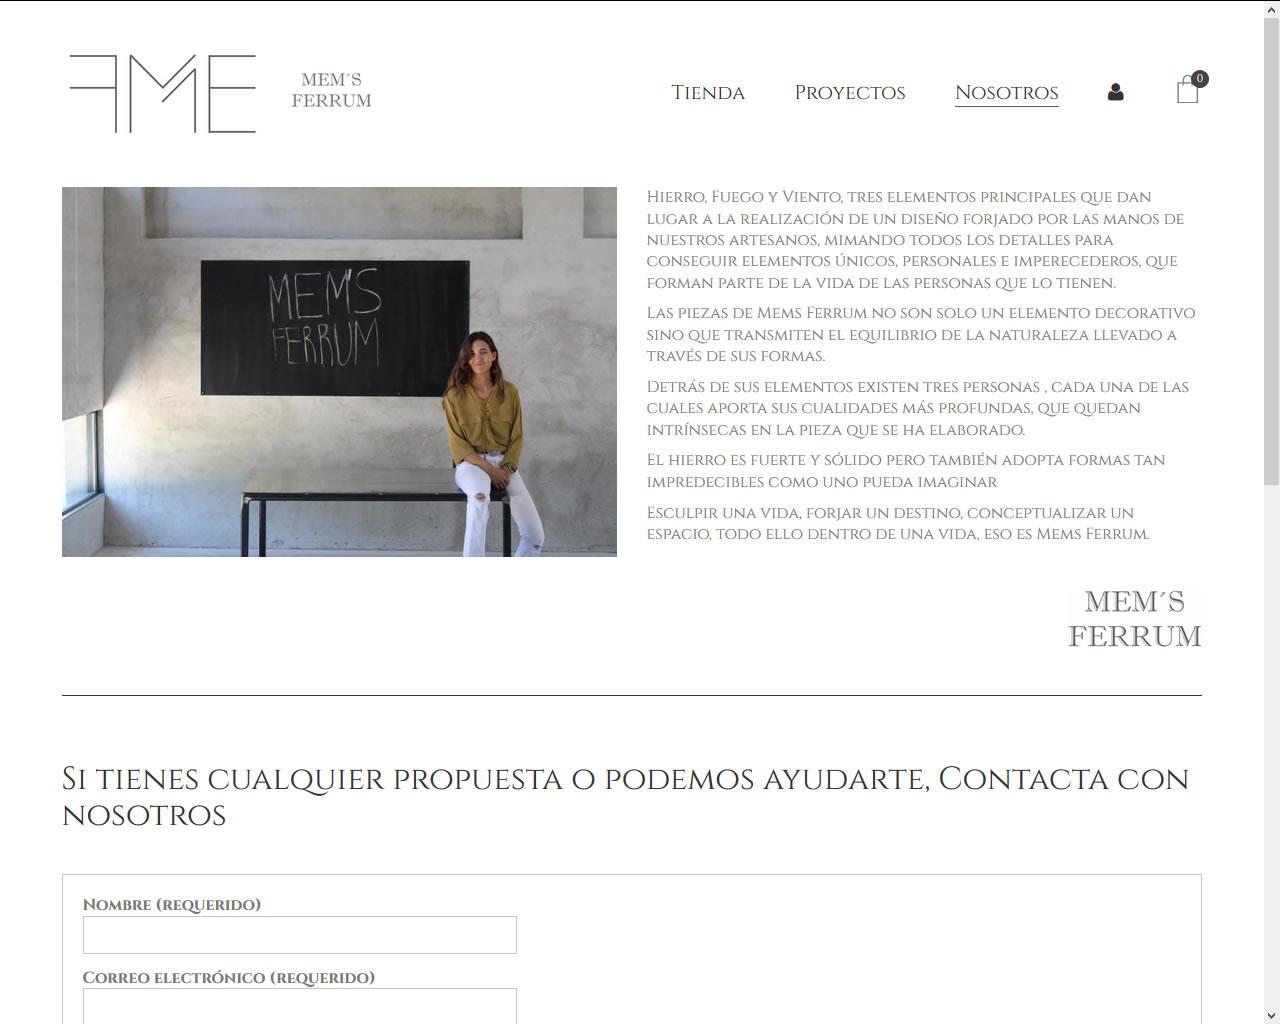 Proyectos - Mem's Ferrum